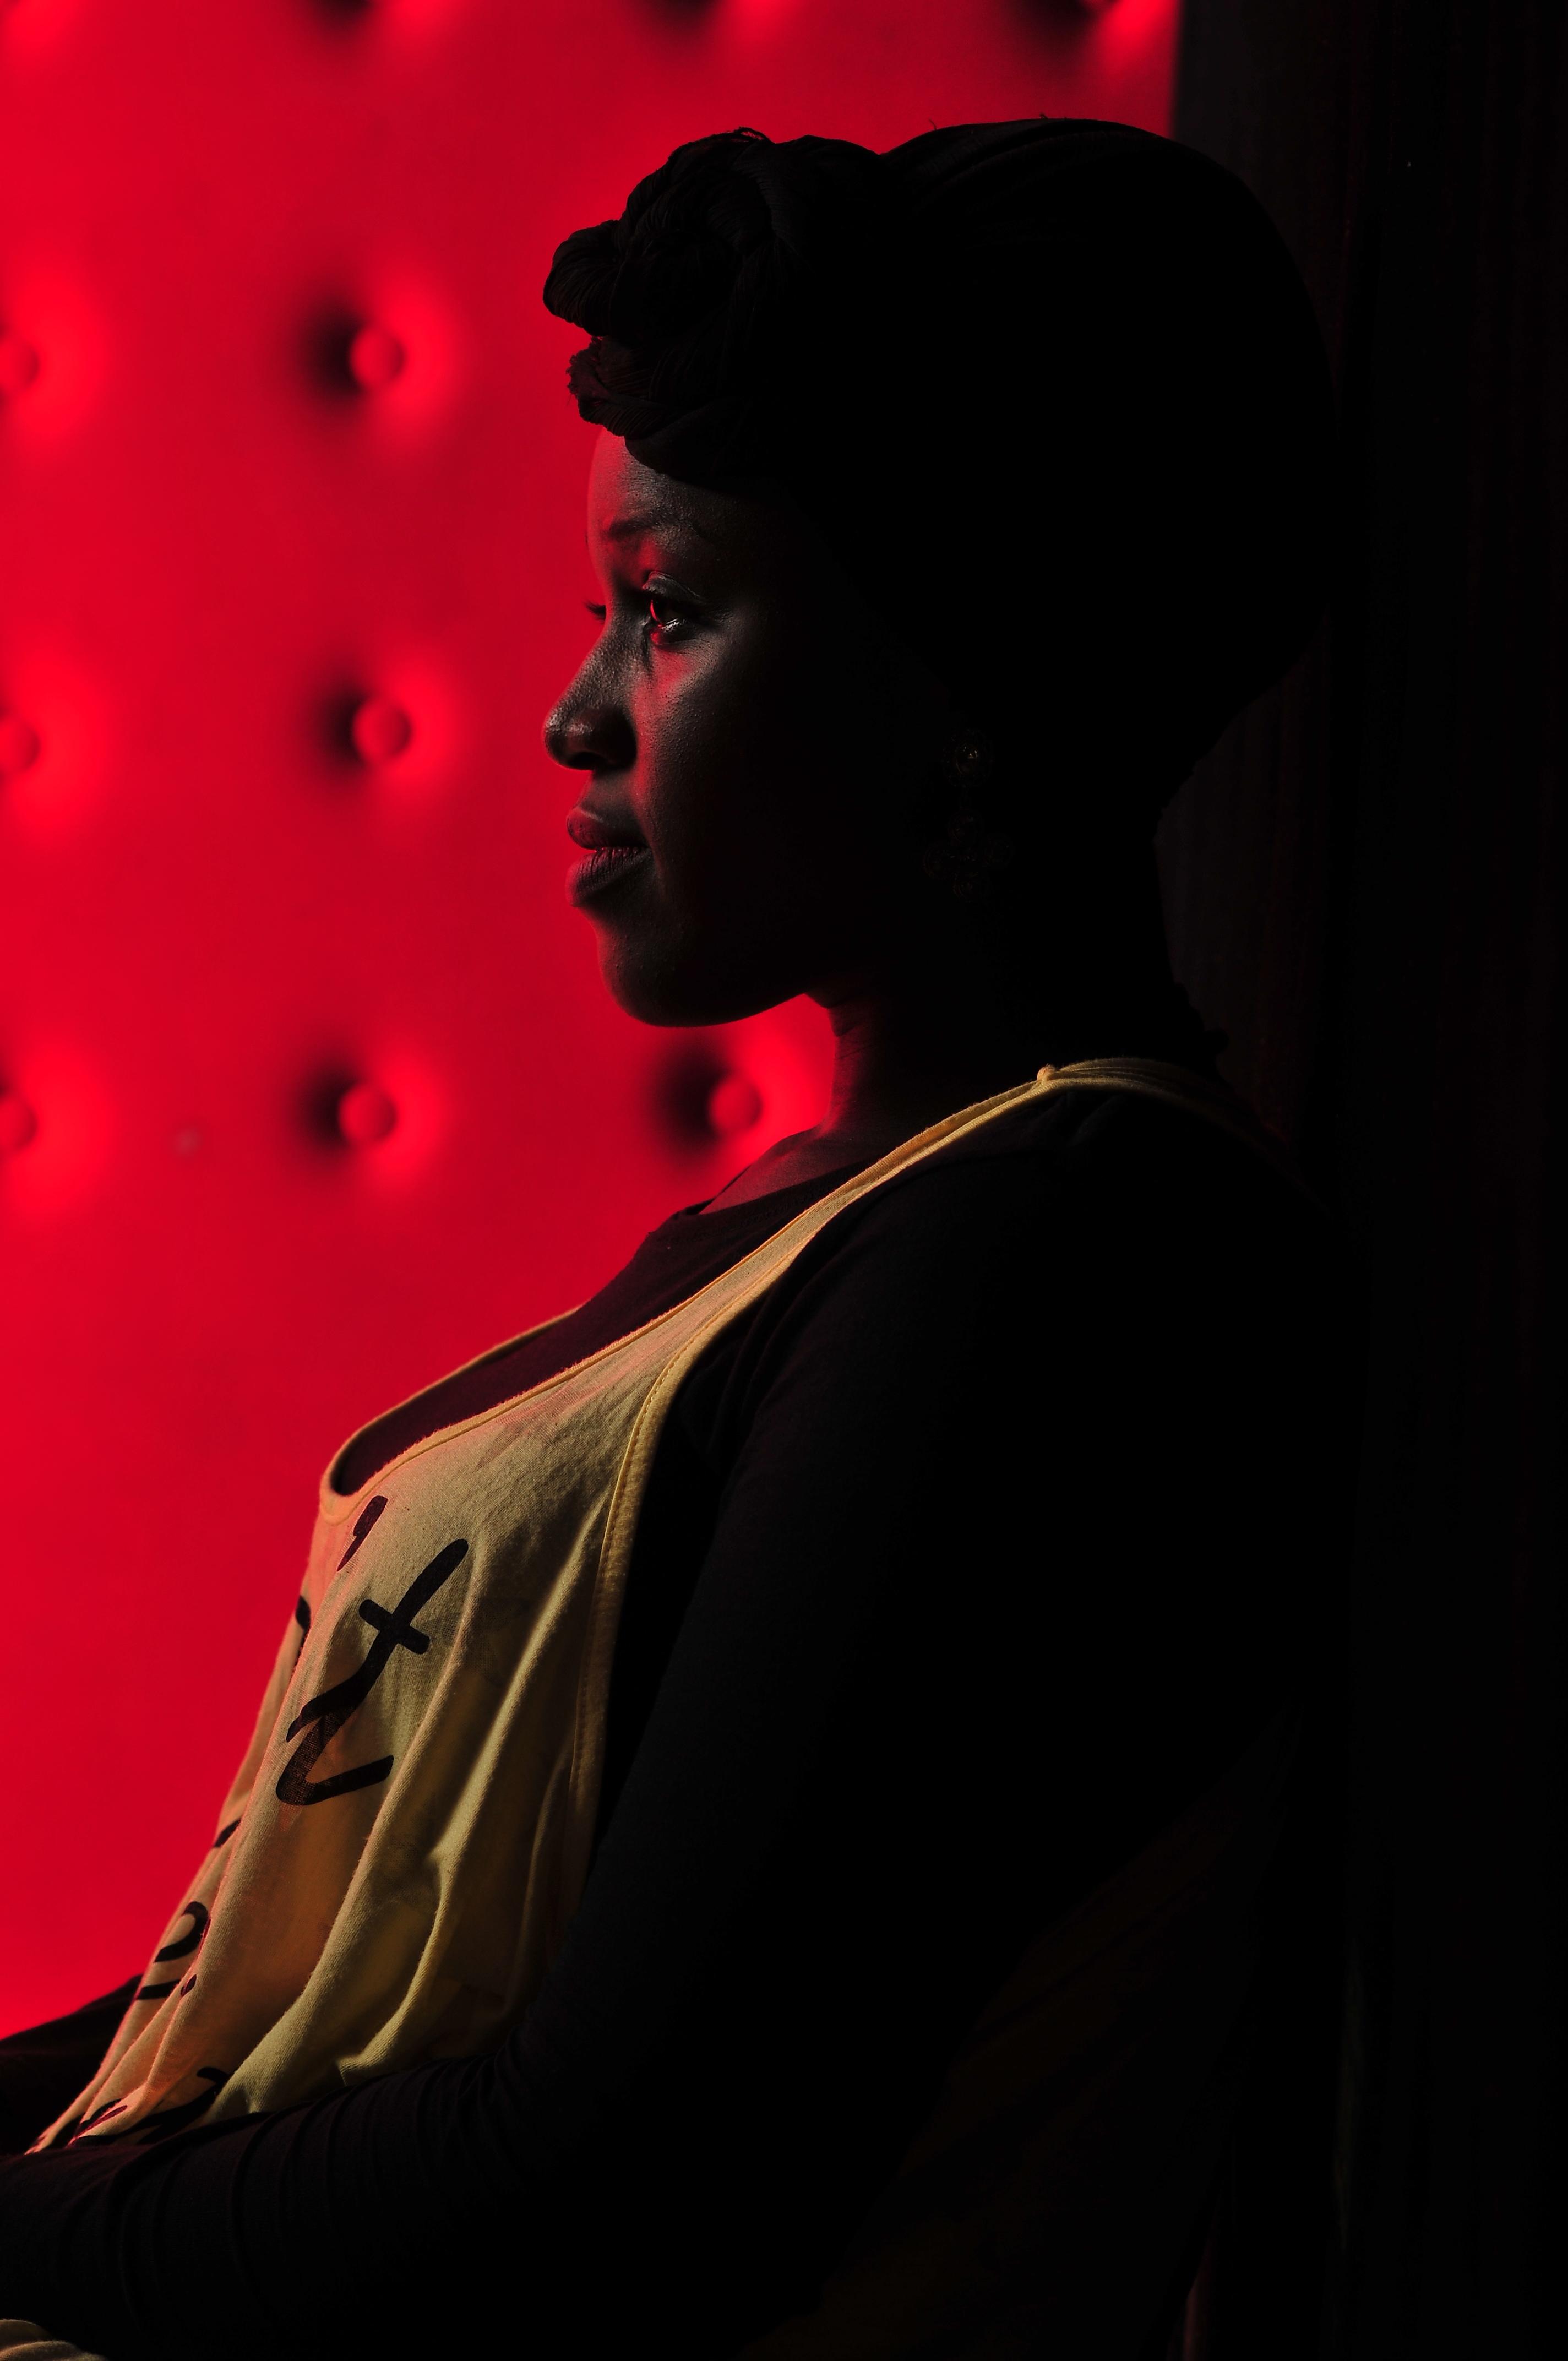 Woman in Yellow Tank Top